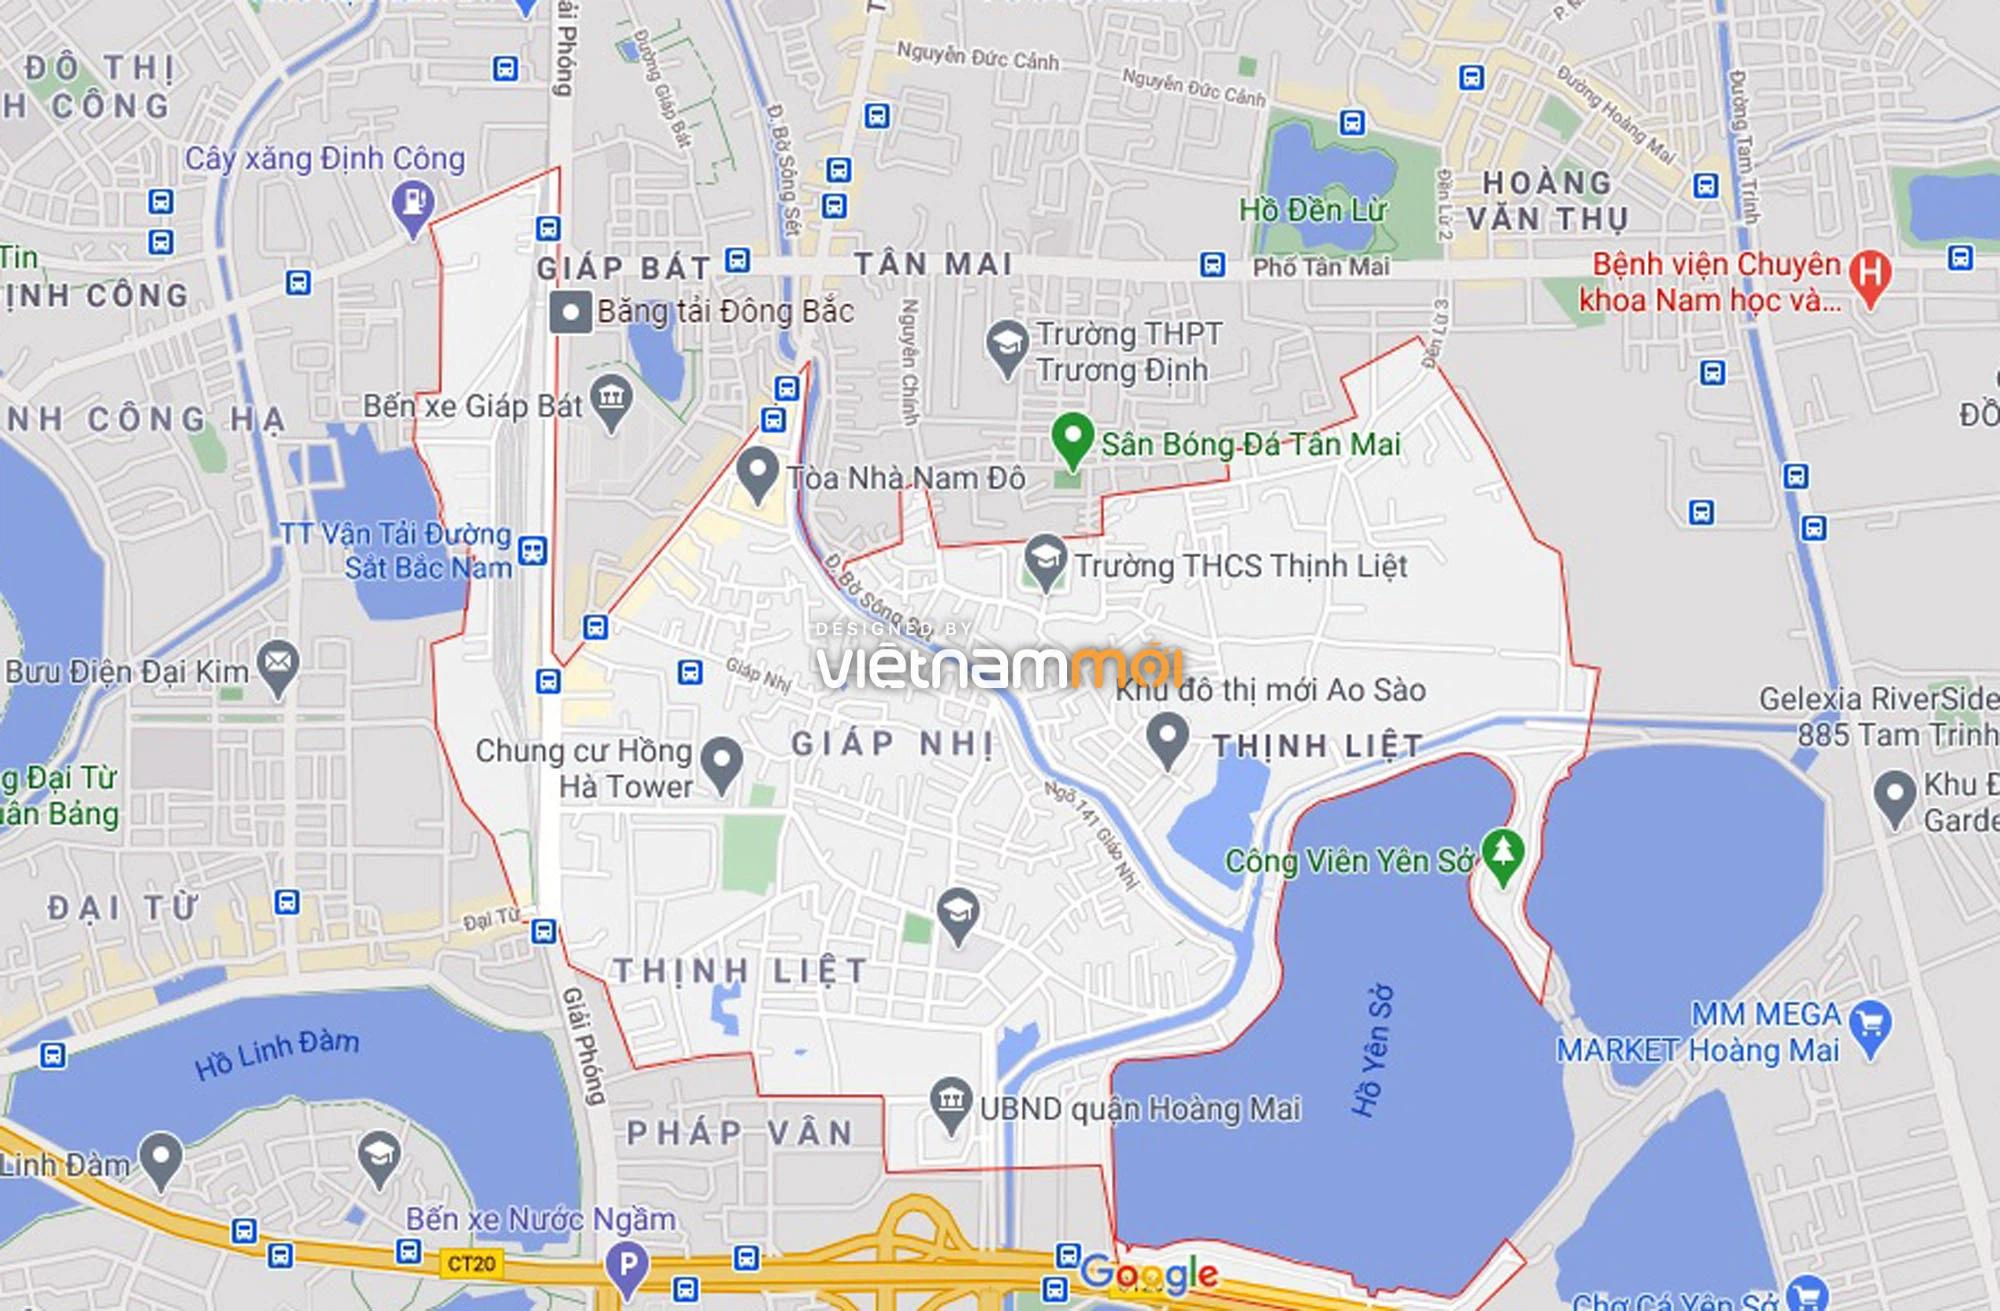 Đường sẽ mở theo quy hoạch ở phường Thịnh Liệt, Hoàng Mai, Hà Nội (phần 2) - Ảnh 1.